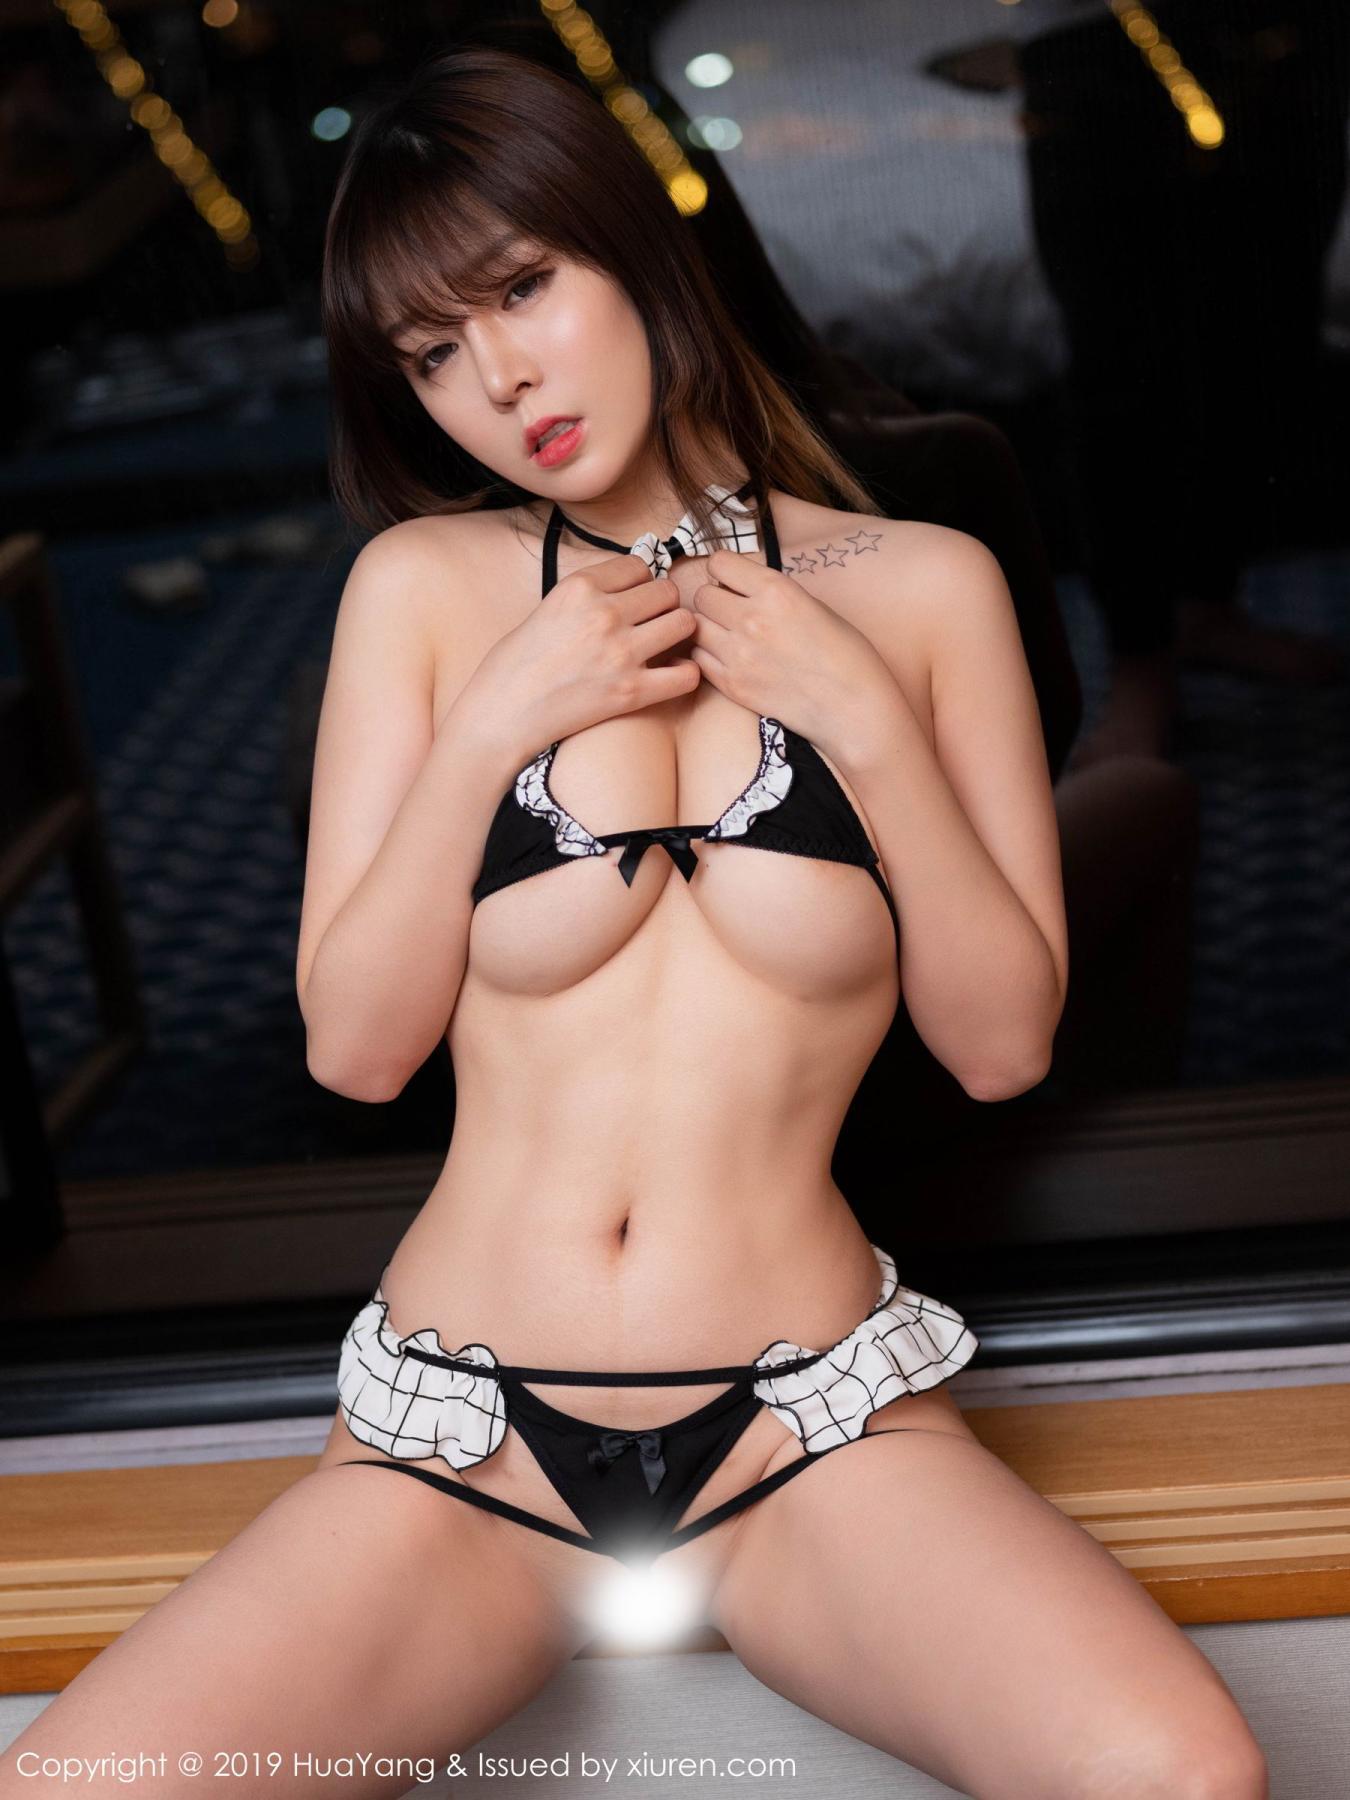 [Huayang] Vol.146 Wang Yu Chun 15P, HuaYang, Sexy, Underwear, Wang Yu Chun